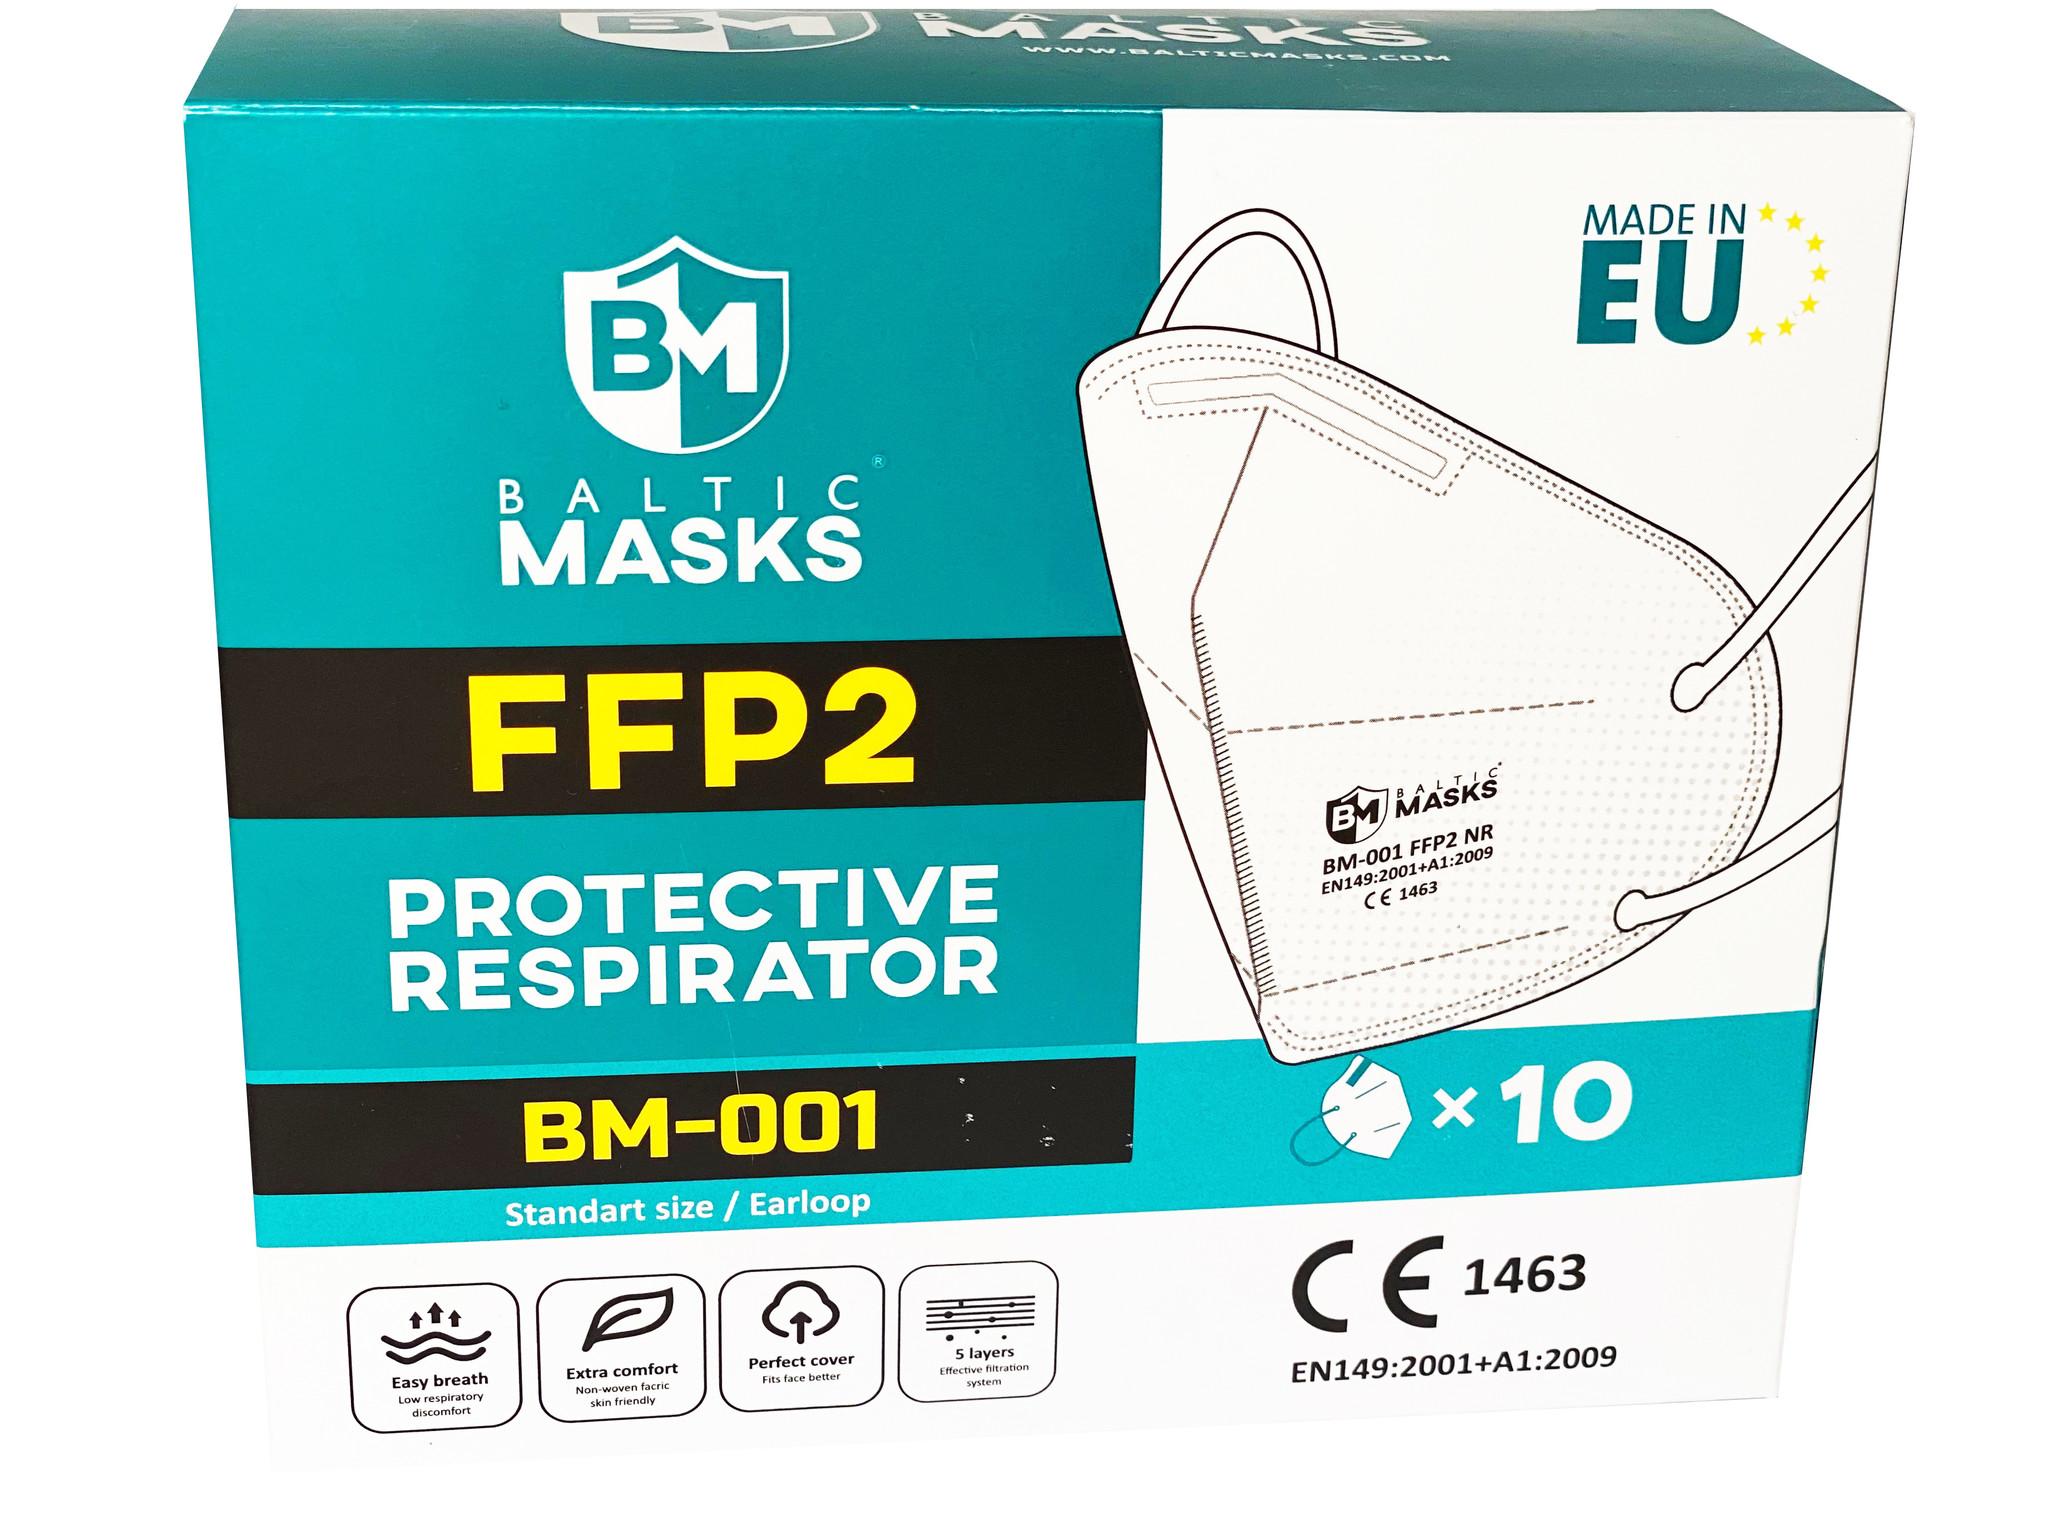 Baltic Masks FFP2 Mondmaskers 10 stuks, Made in Europe